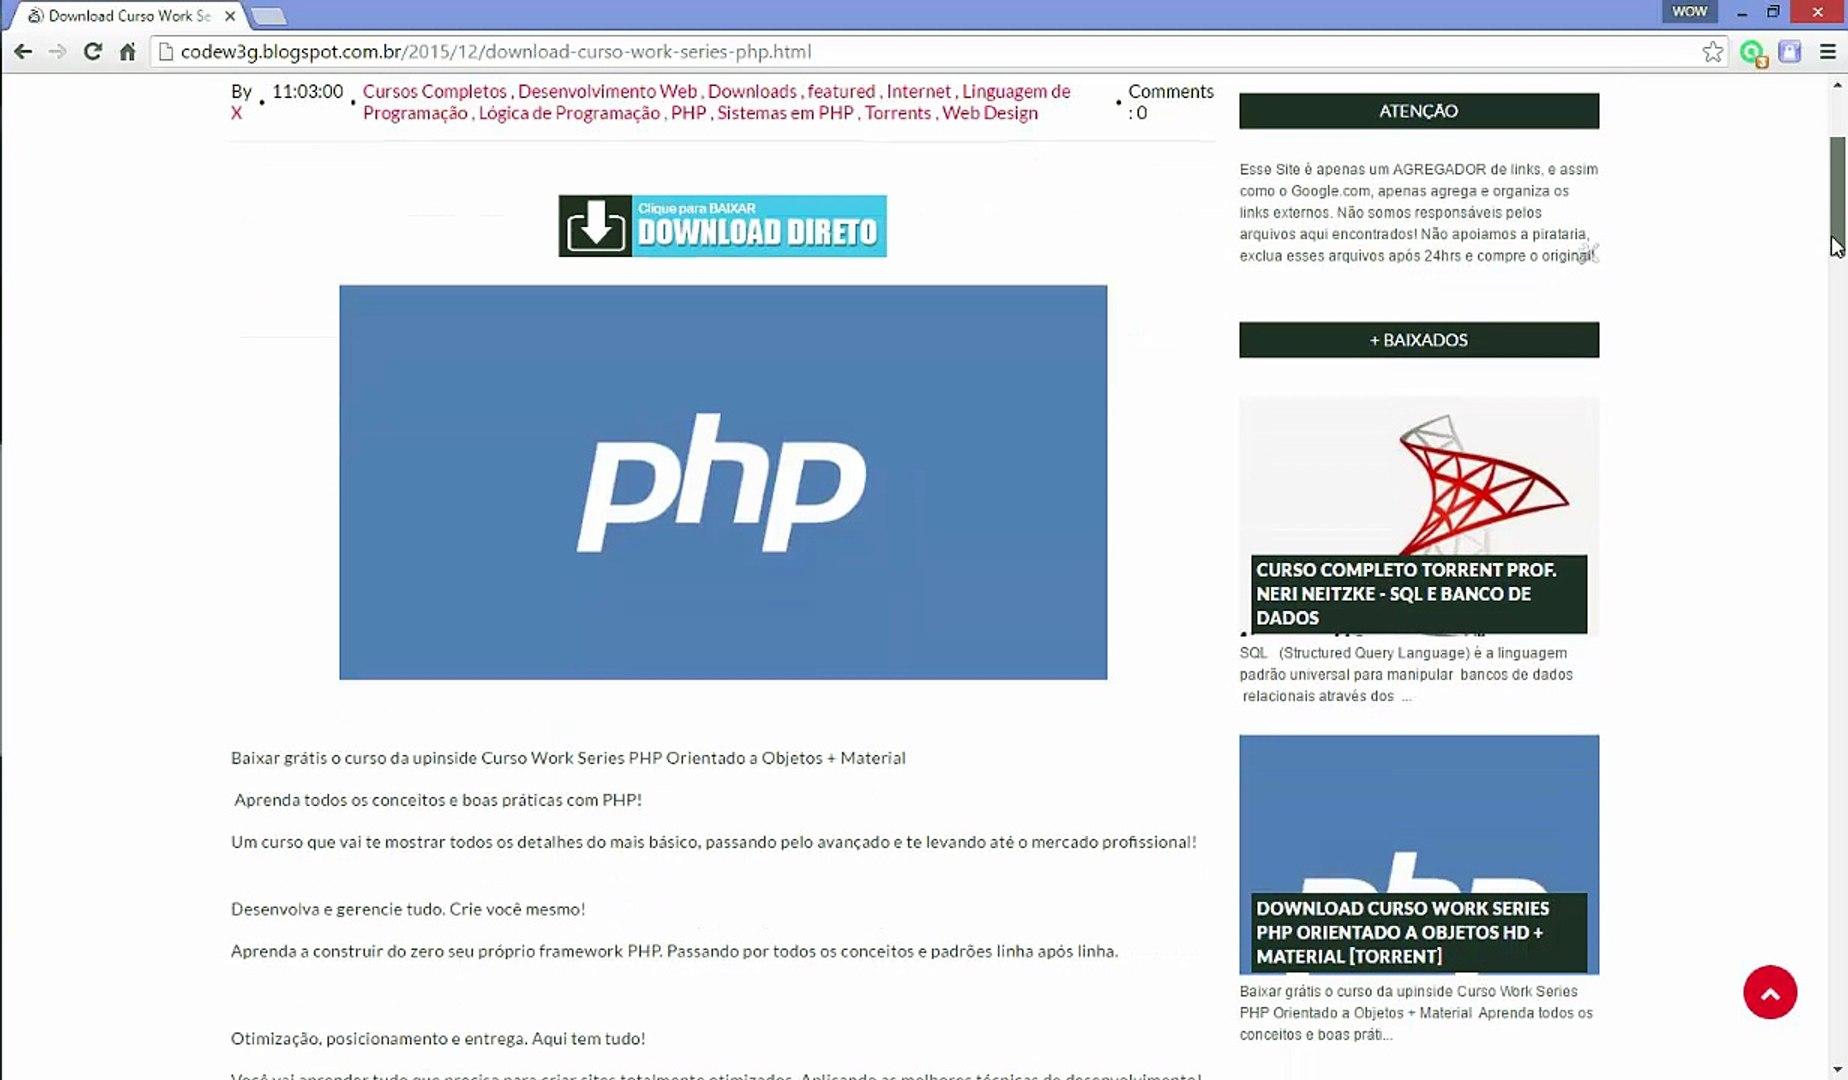 [DOWNLOAD FREE] Curso de PHP Orientado a Objetos HD (Melhor curso PHP da internet)